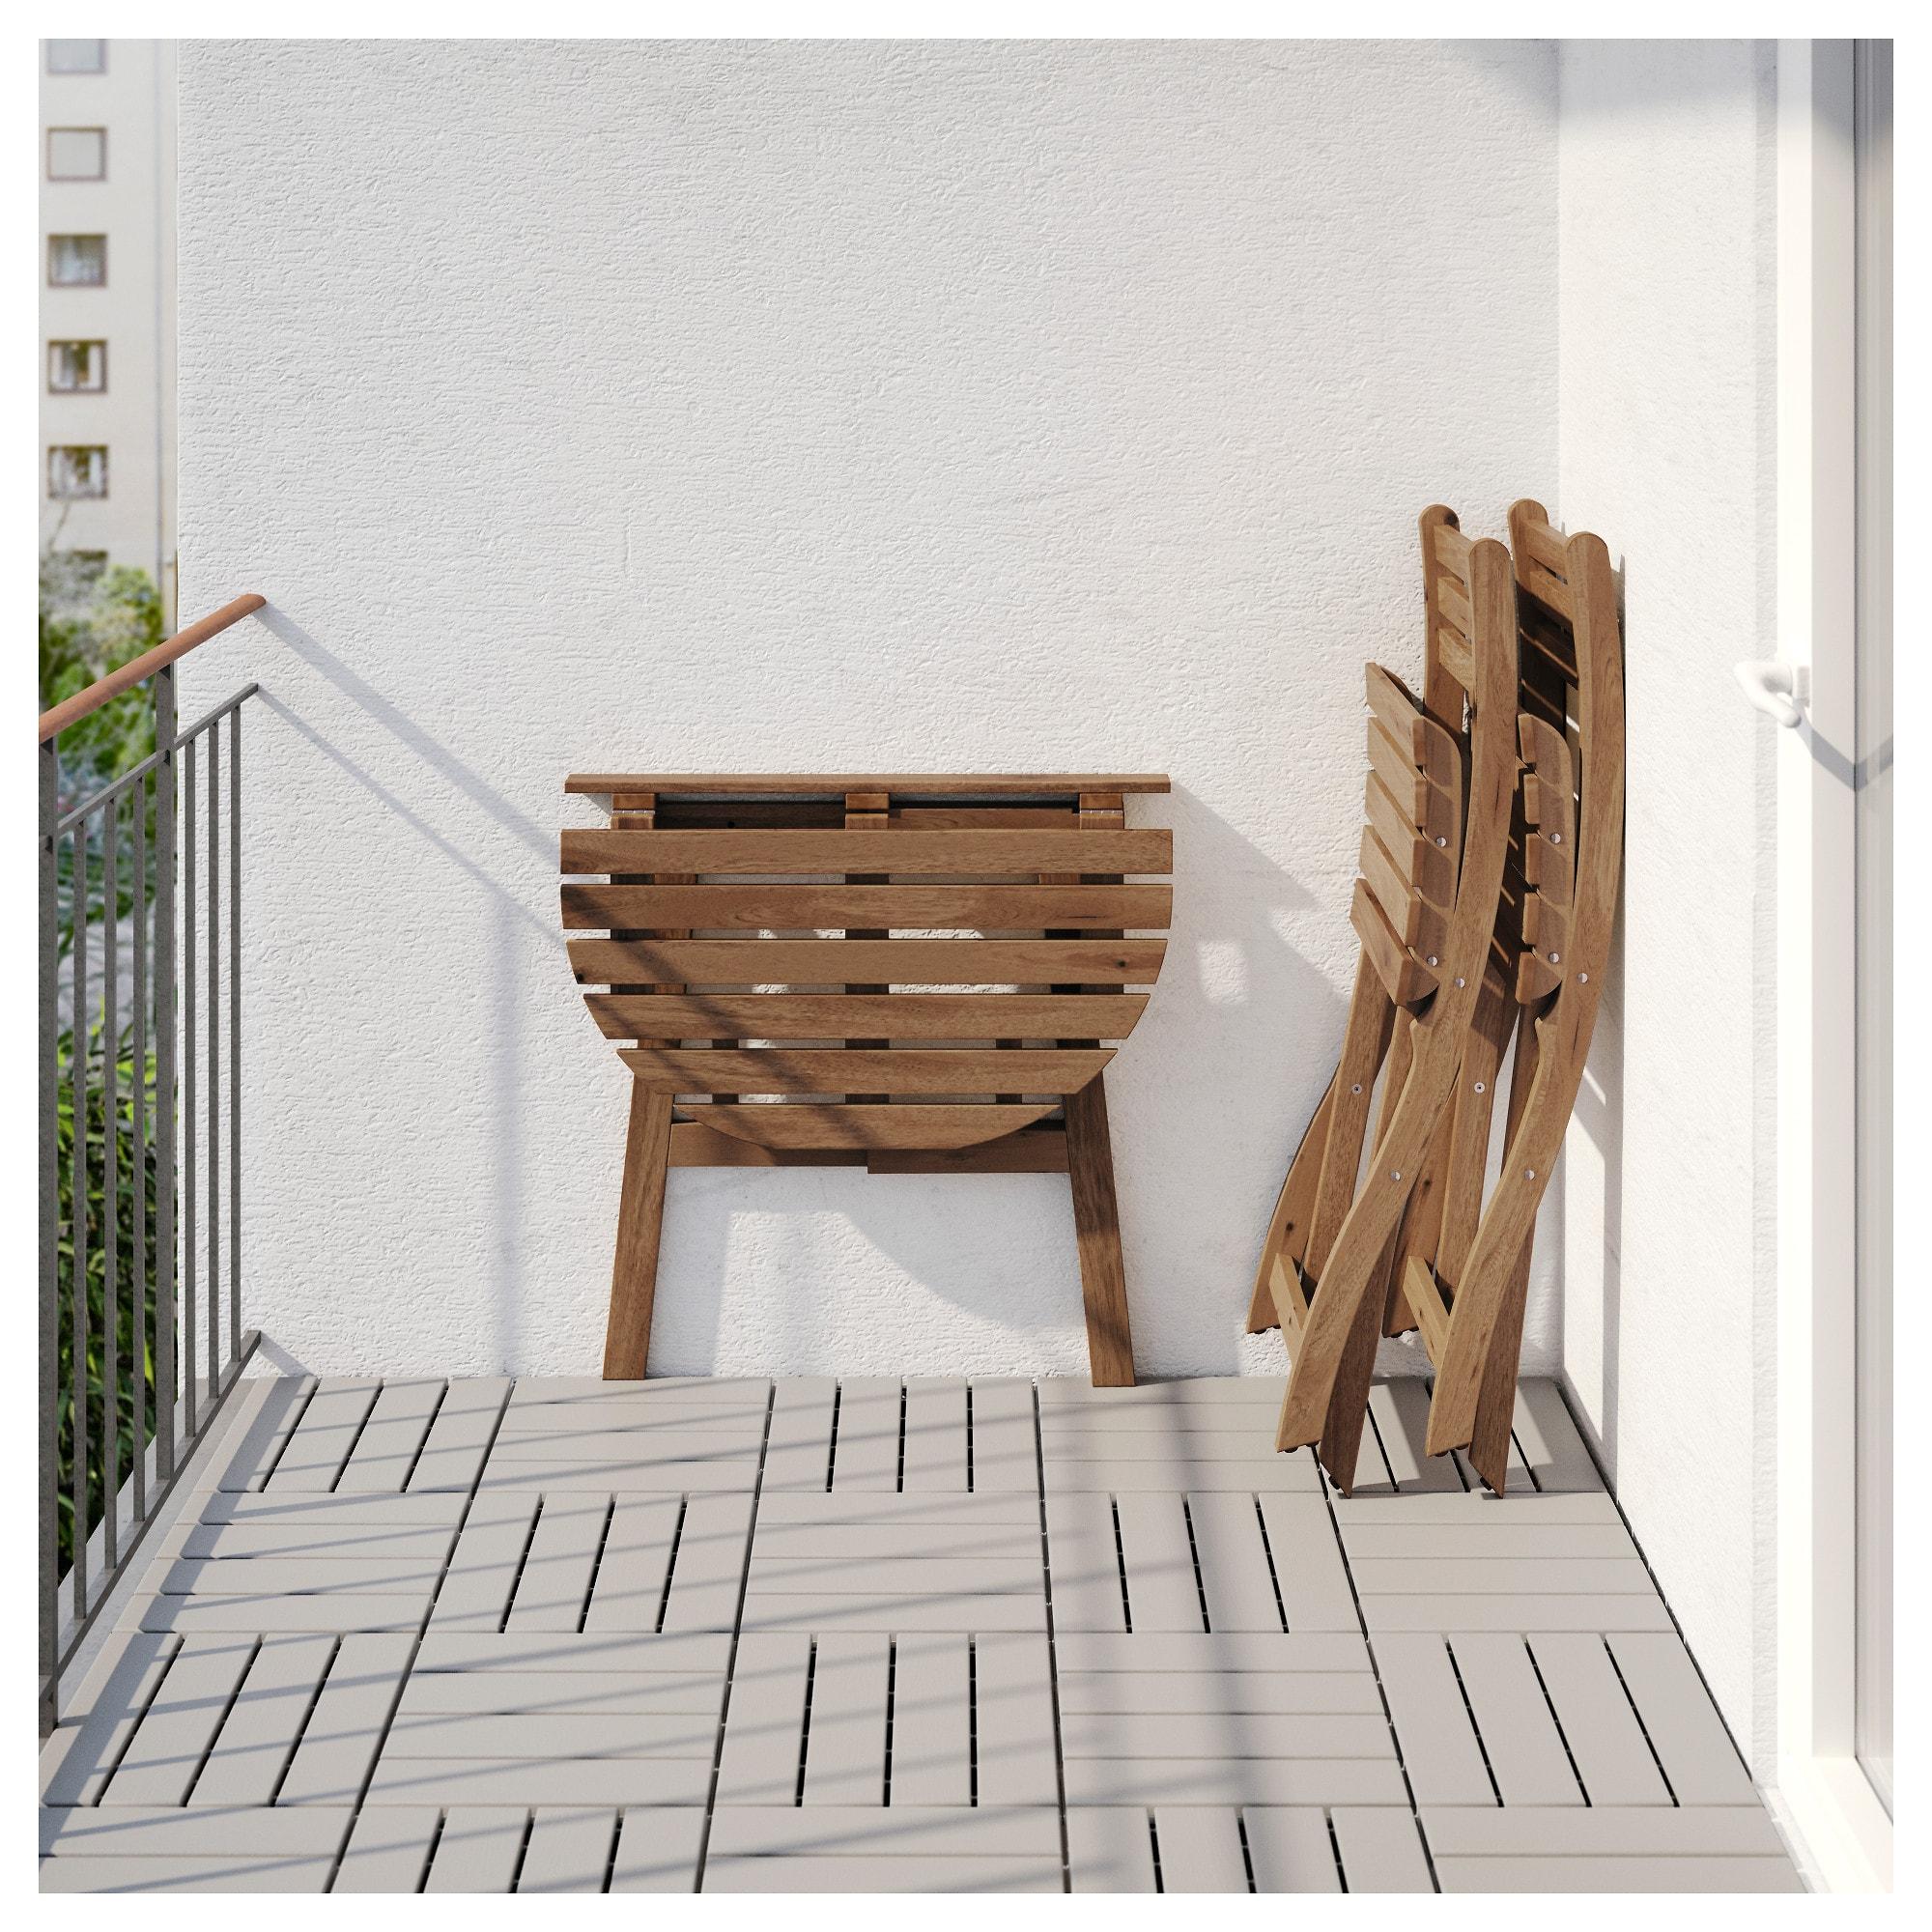 Стол + 2 складных стула, для сада АСКХОЛЬМЕН синий артикуль № 692.288.83 в наличии. Онлайн каталог ИКЕА Республика Беларусь. Быстрая доставка и монтаж.